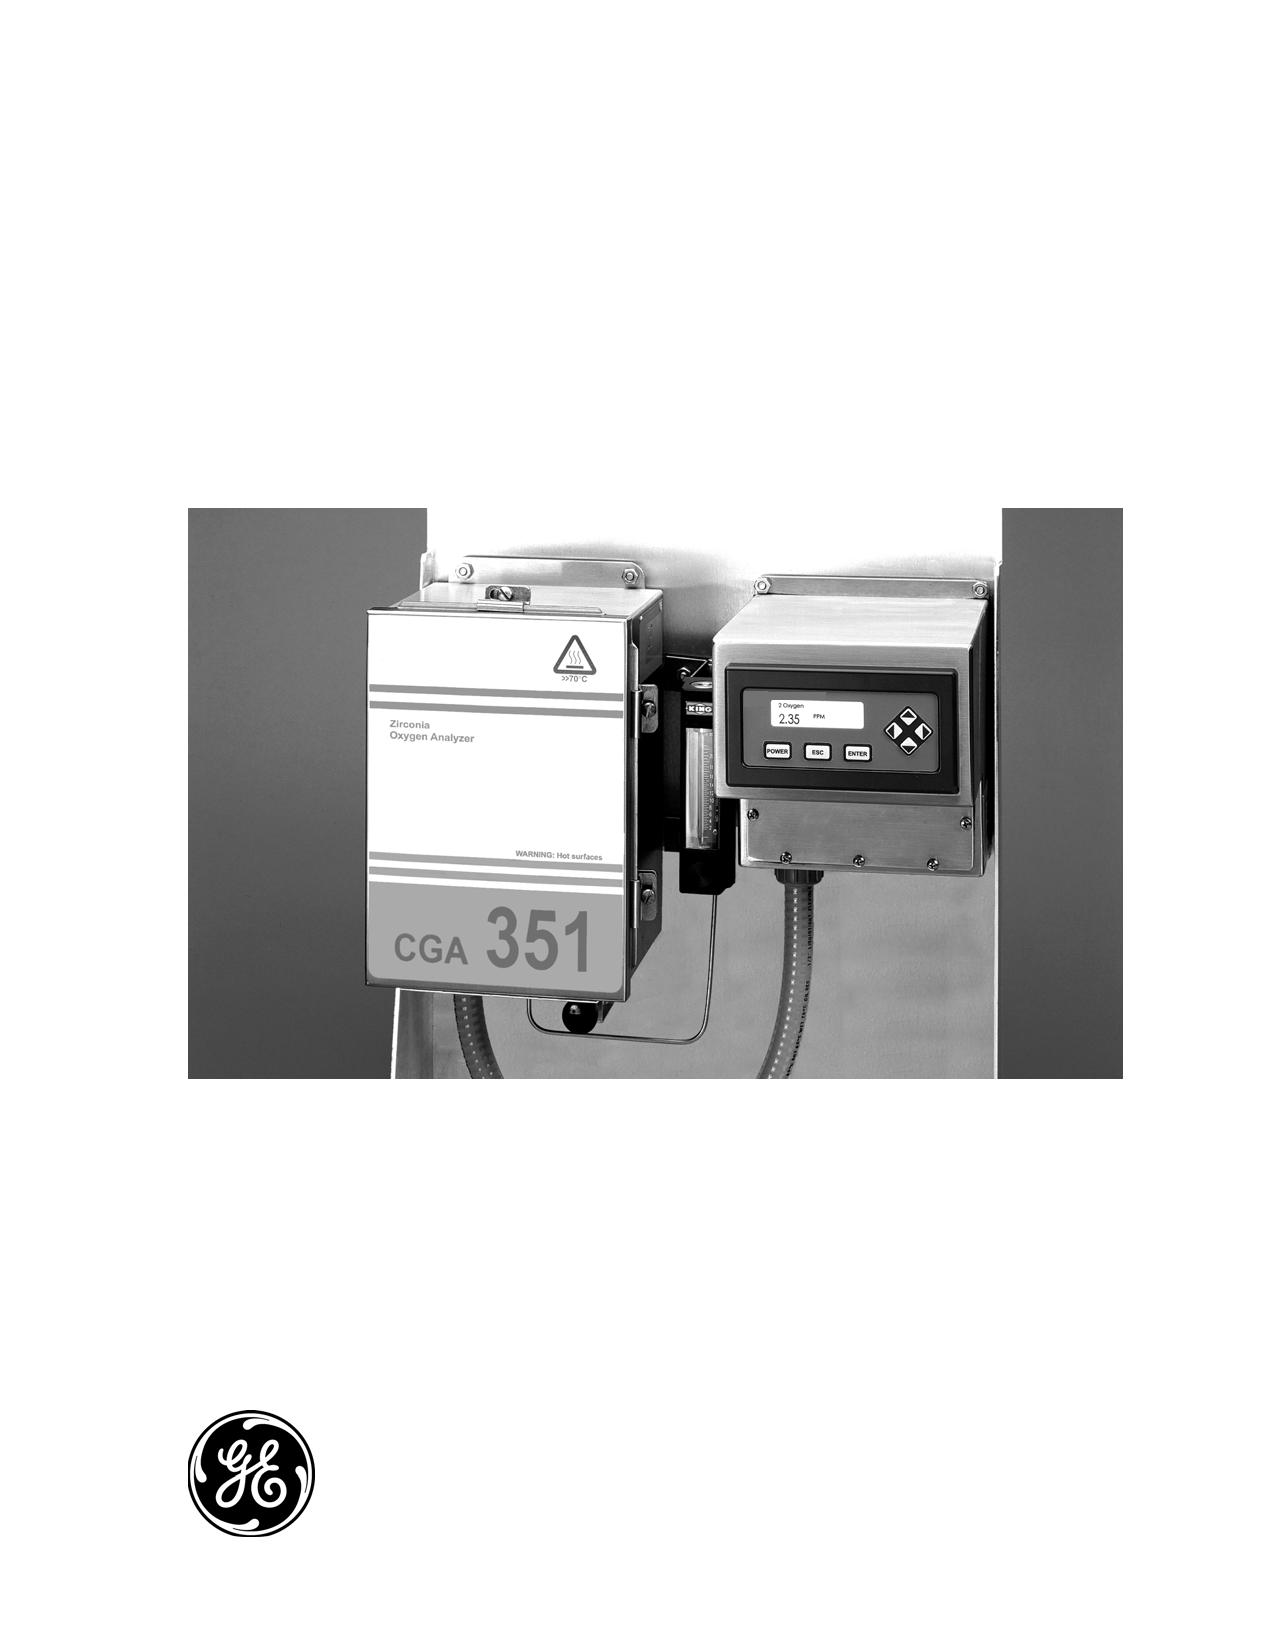 703-1376 دیتاشیت PDF